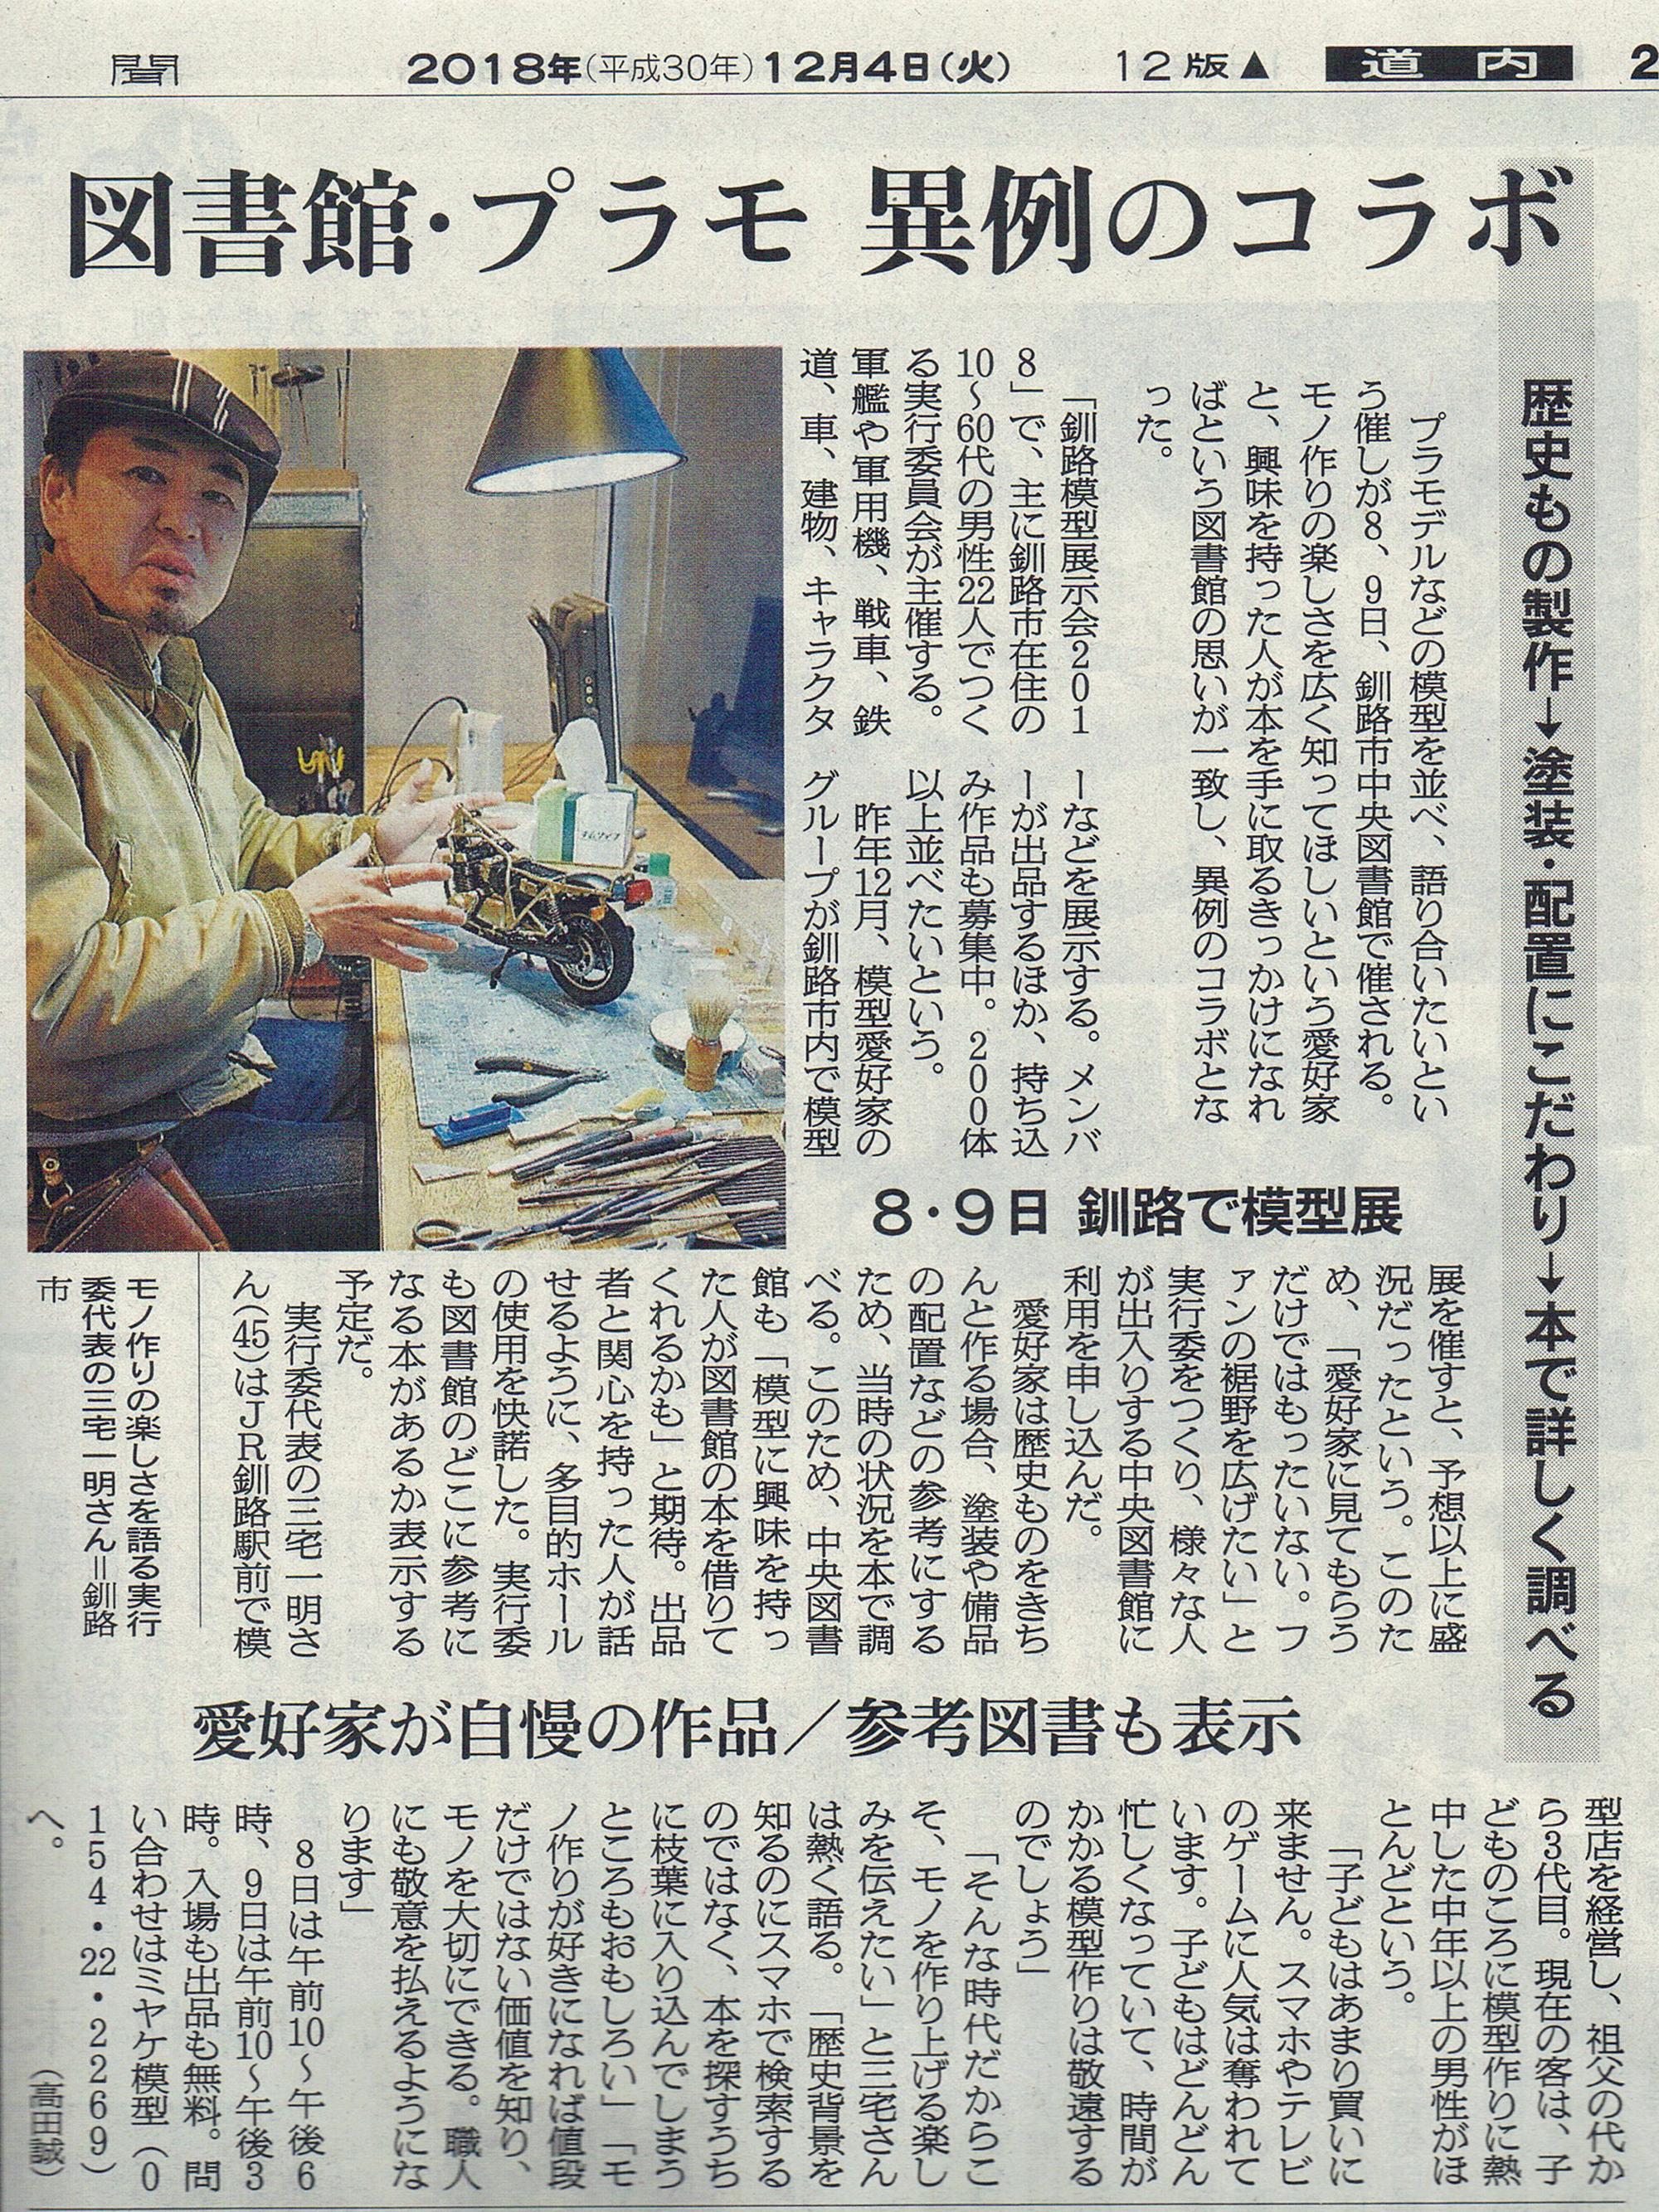 2018-12-4朝日新聞